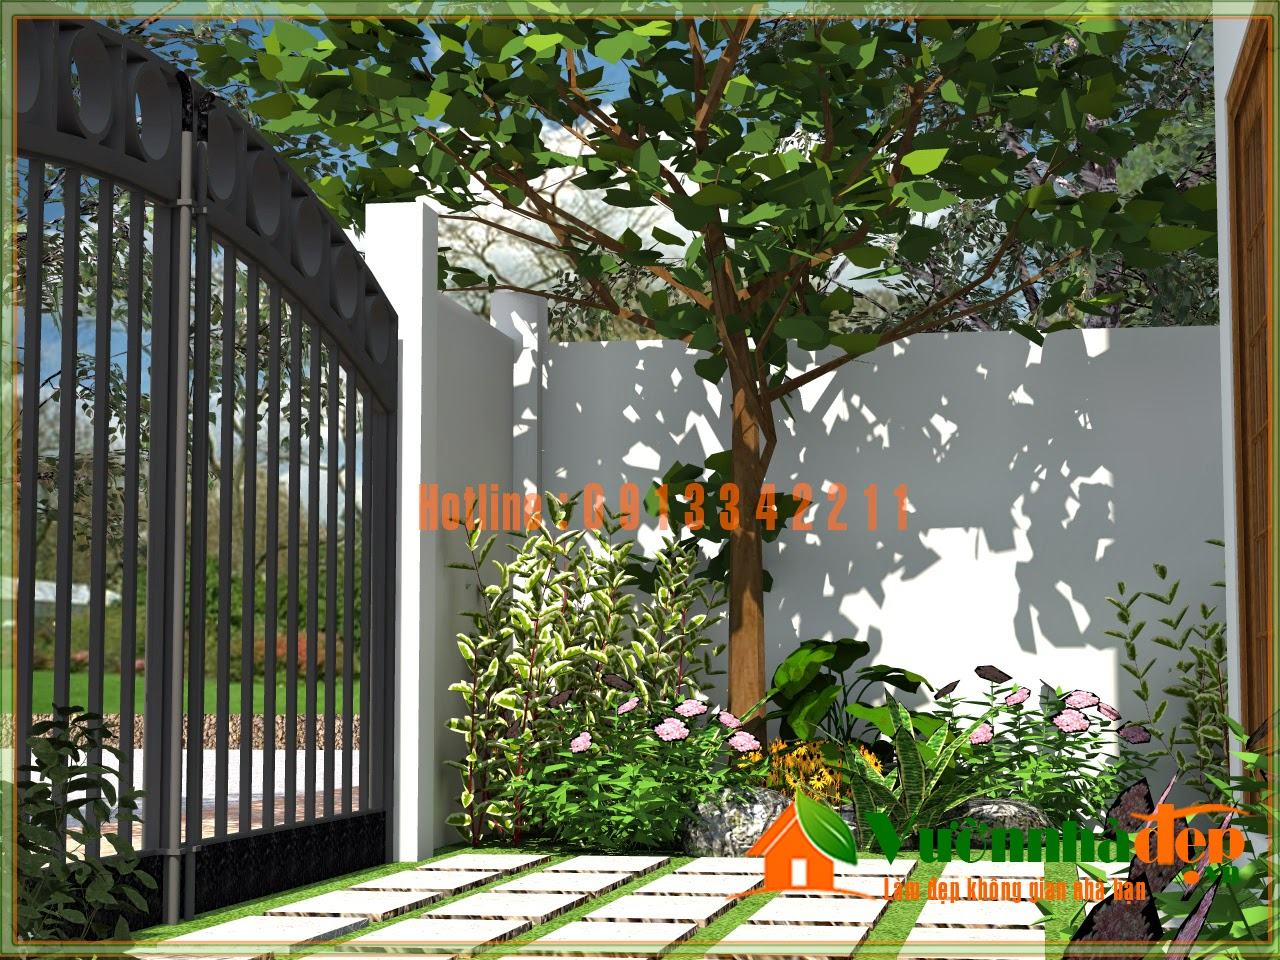 thiết kế vườn đẹp, thiết kế vườn đứng, thiết kế nhà vườn đẹp, thiết kế sân vườn đẹp,thiết kế khu vườn đẹp, thiet ke san vuon, thiết kế nhà vườn đơn giản, mẫu thiết kế vườn đẹp,thiet ke vuon dep, vuon biet thu, vuon san thuong